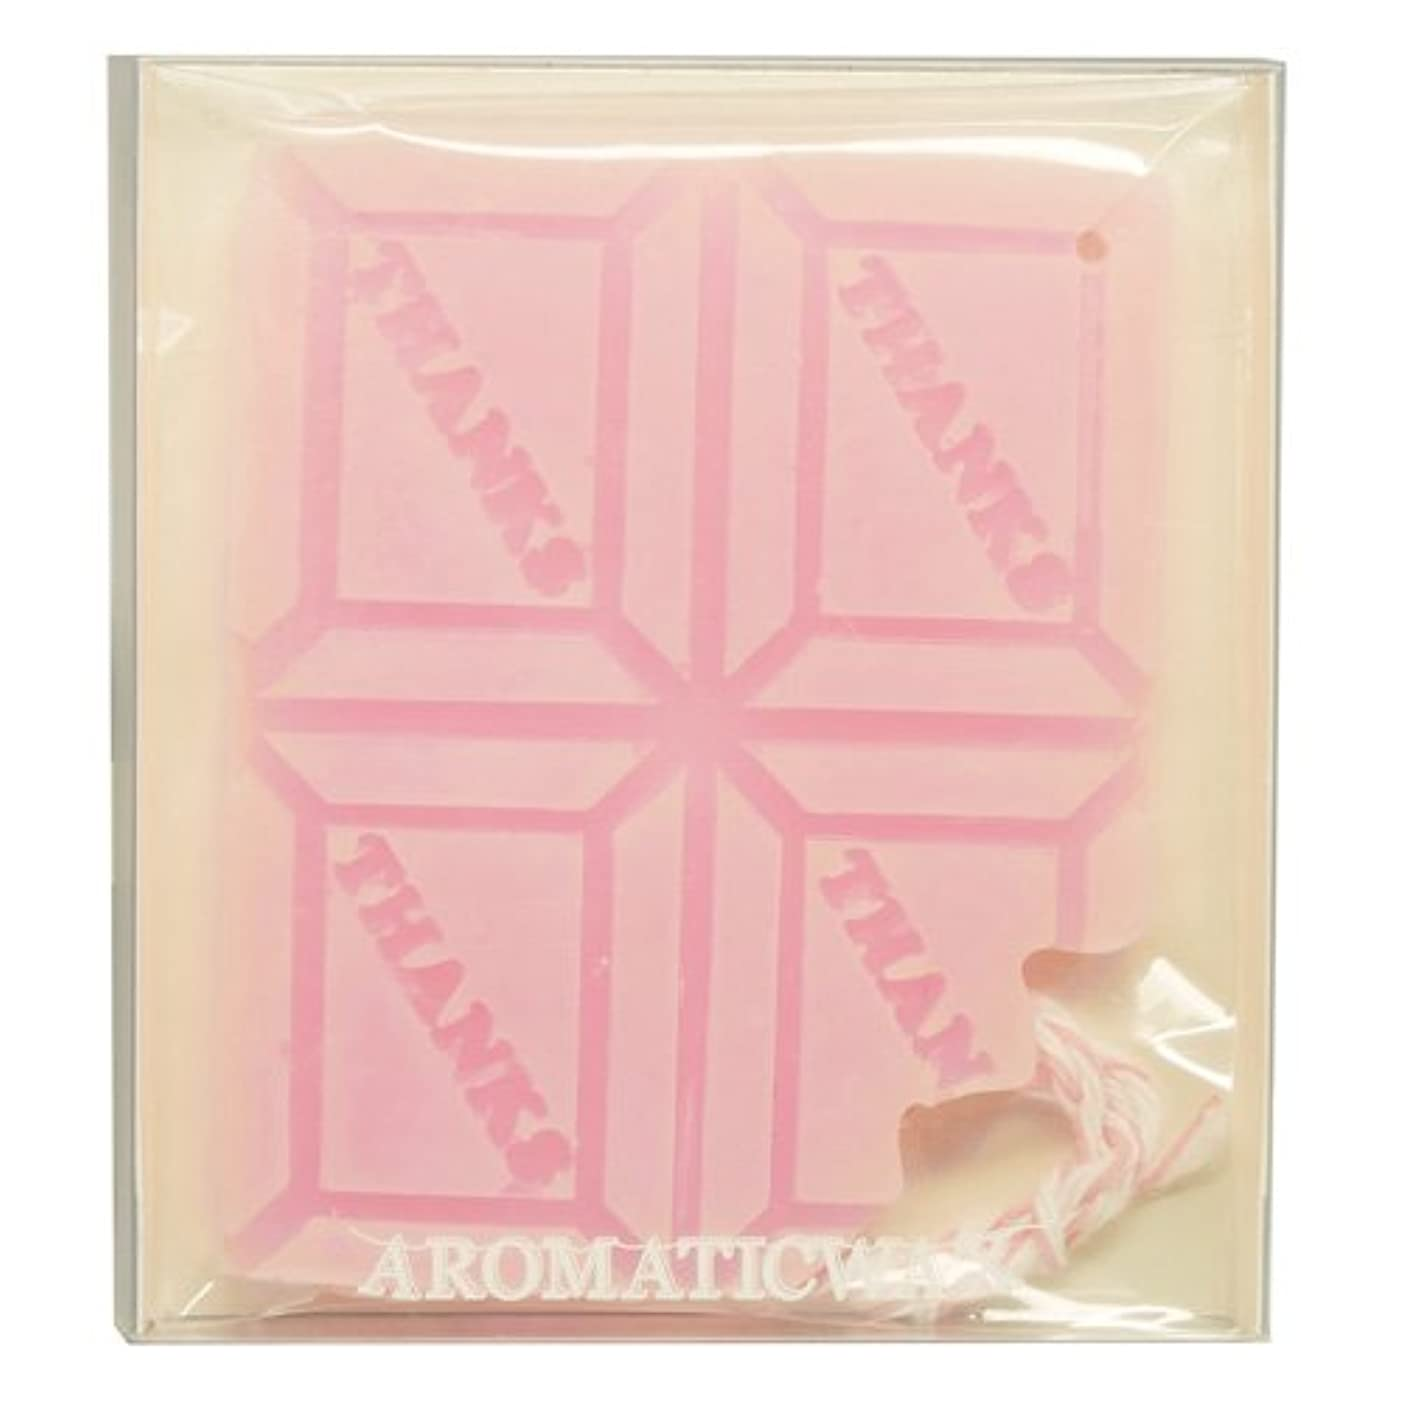 証明夢中葉っぱGRASSE TOKYO AROMATICWAXチャーム「板チョコ(THANKS)」(PI) ゼラニウム アロマティックワックス グラーストウキョウ